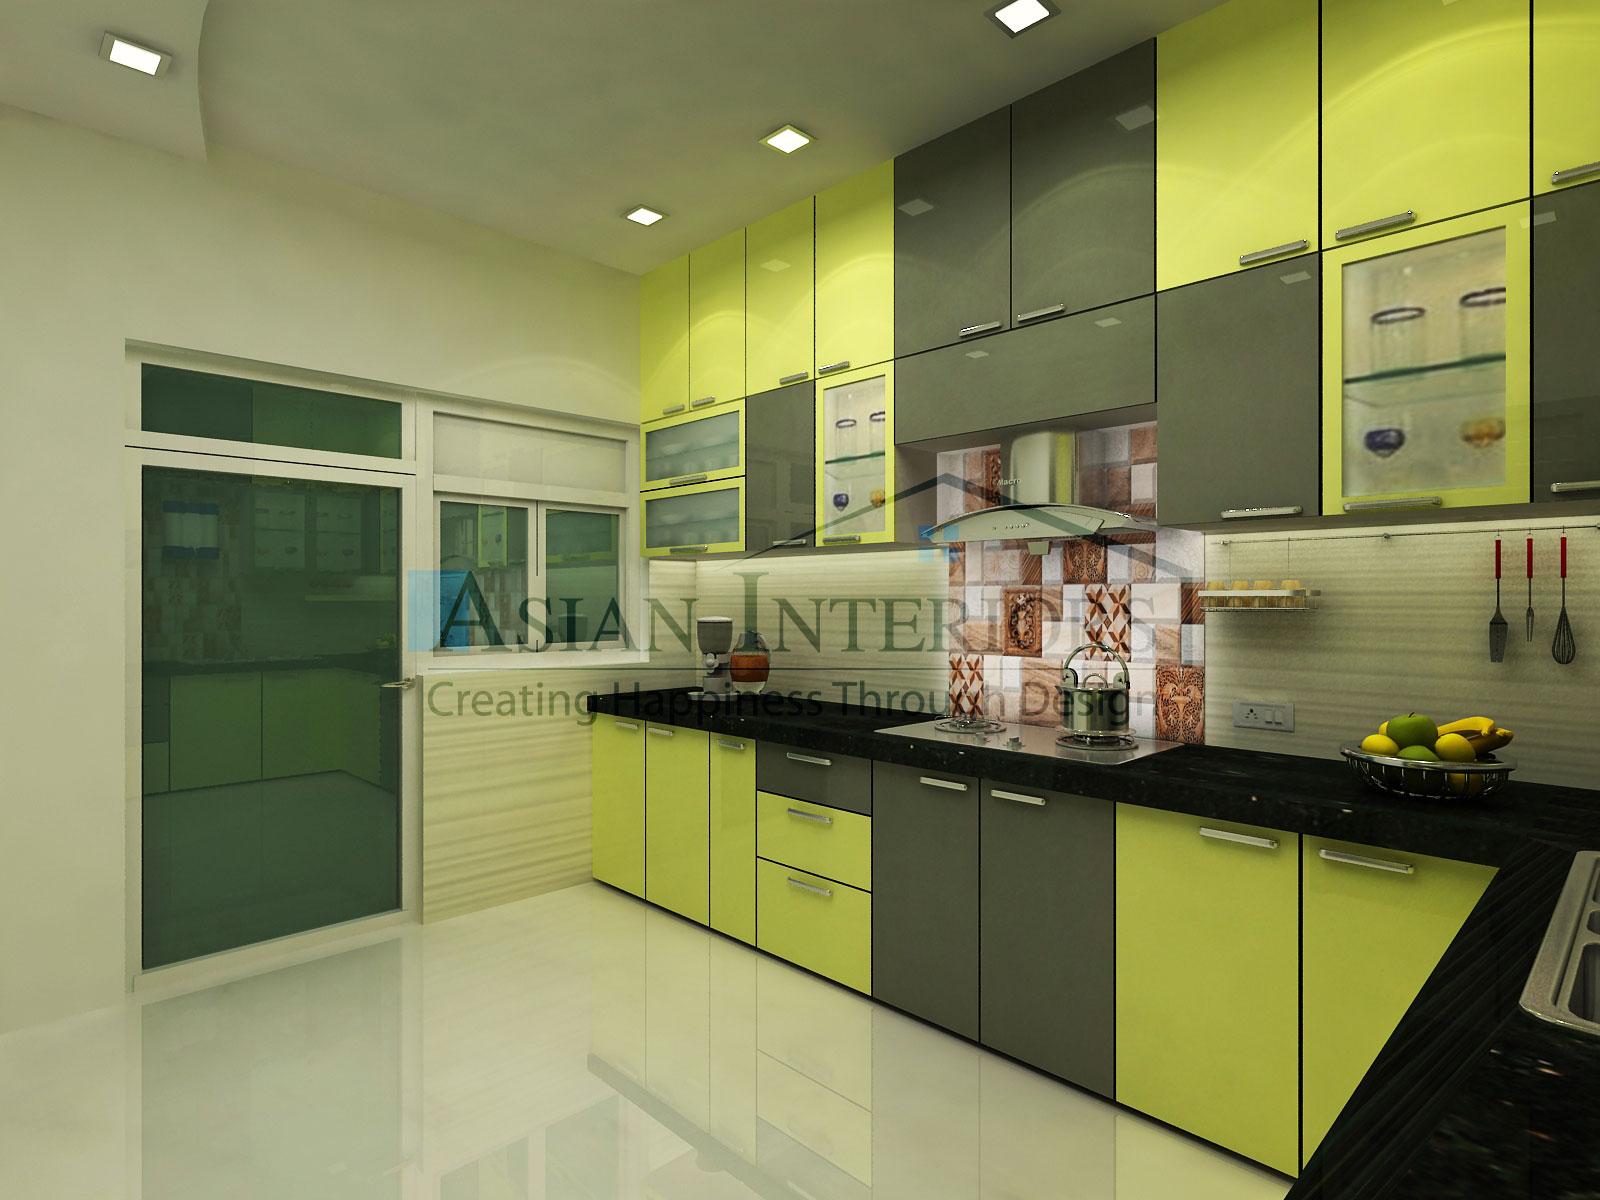 Asian-Interiors-Kitchen7